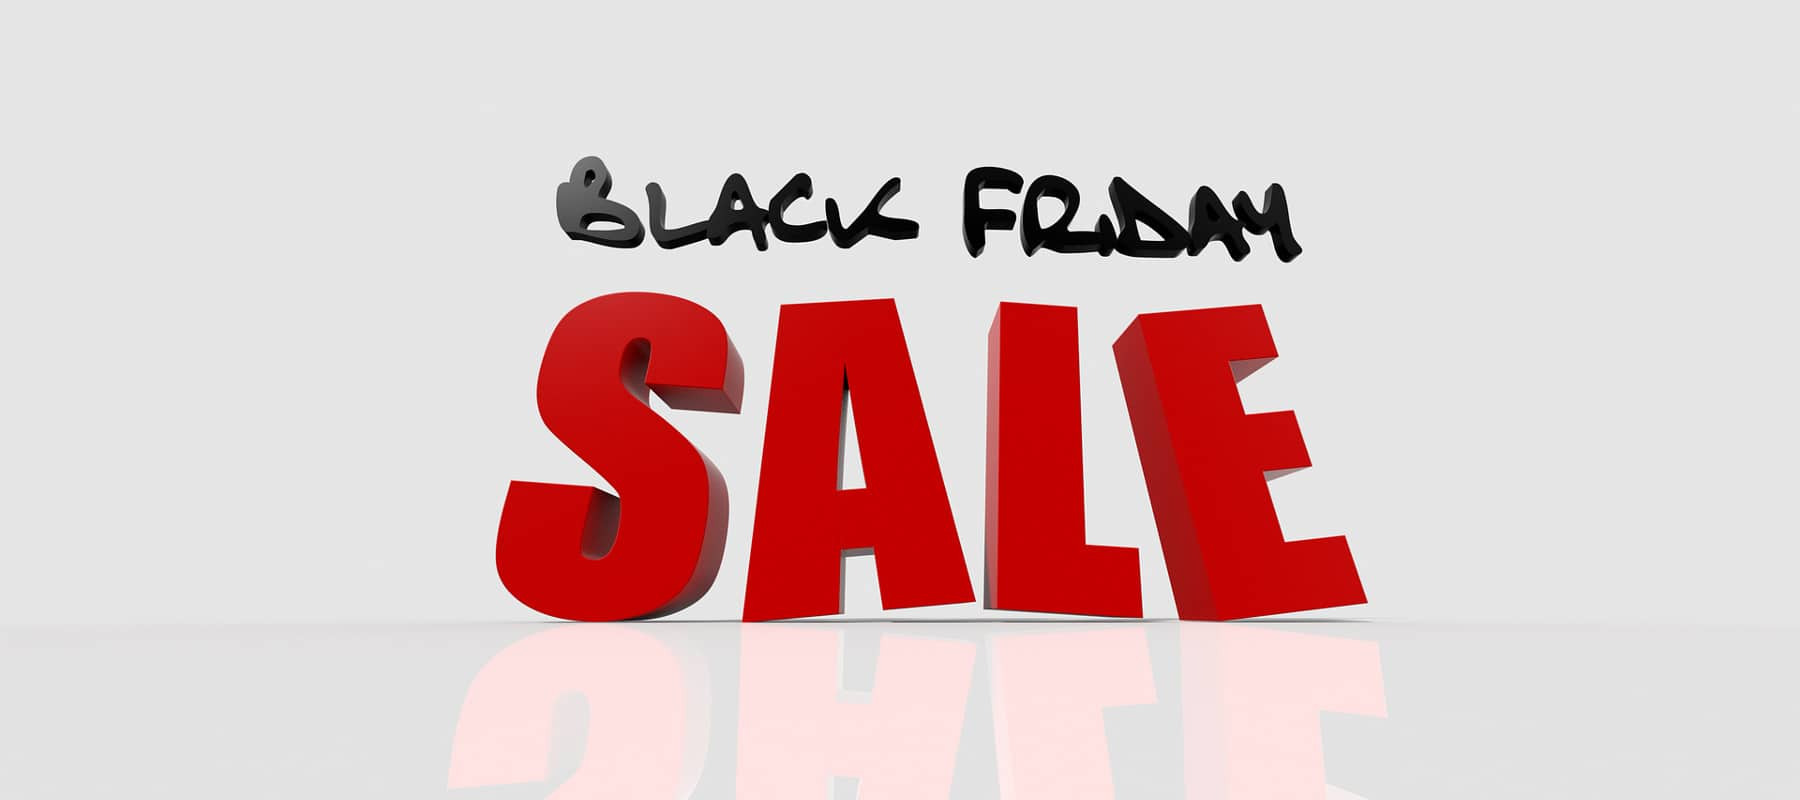 Black Friday: Das sind die besten HomeKit Angebote